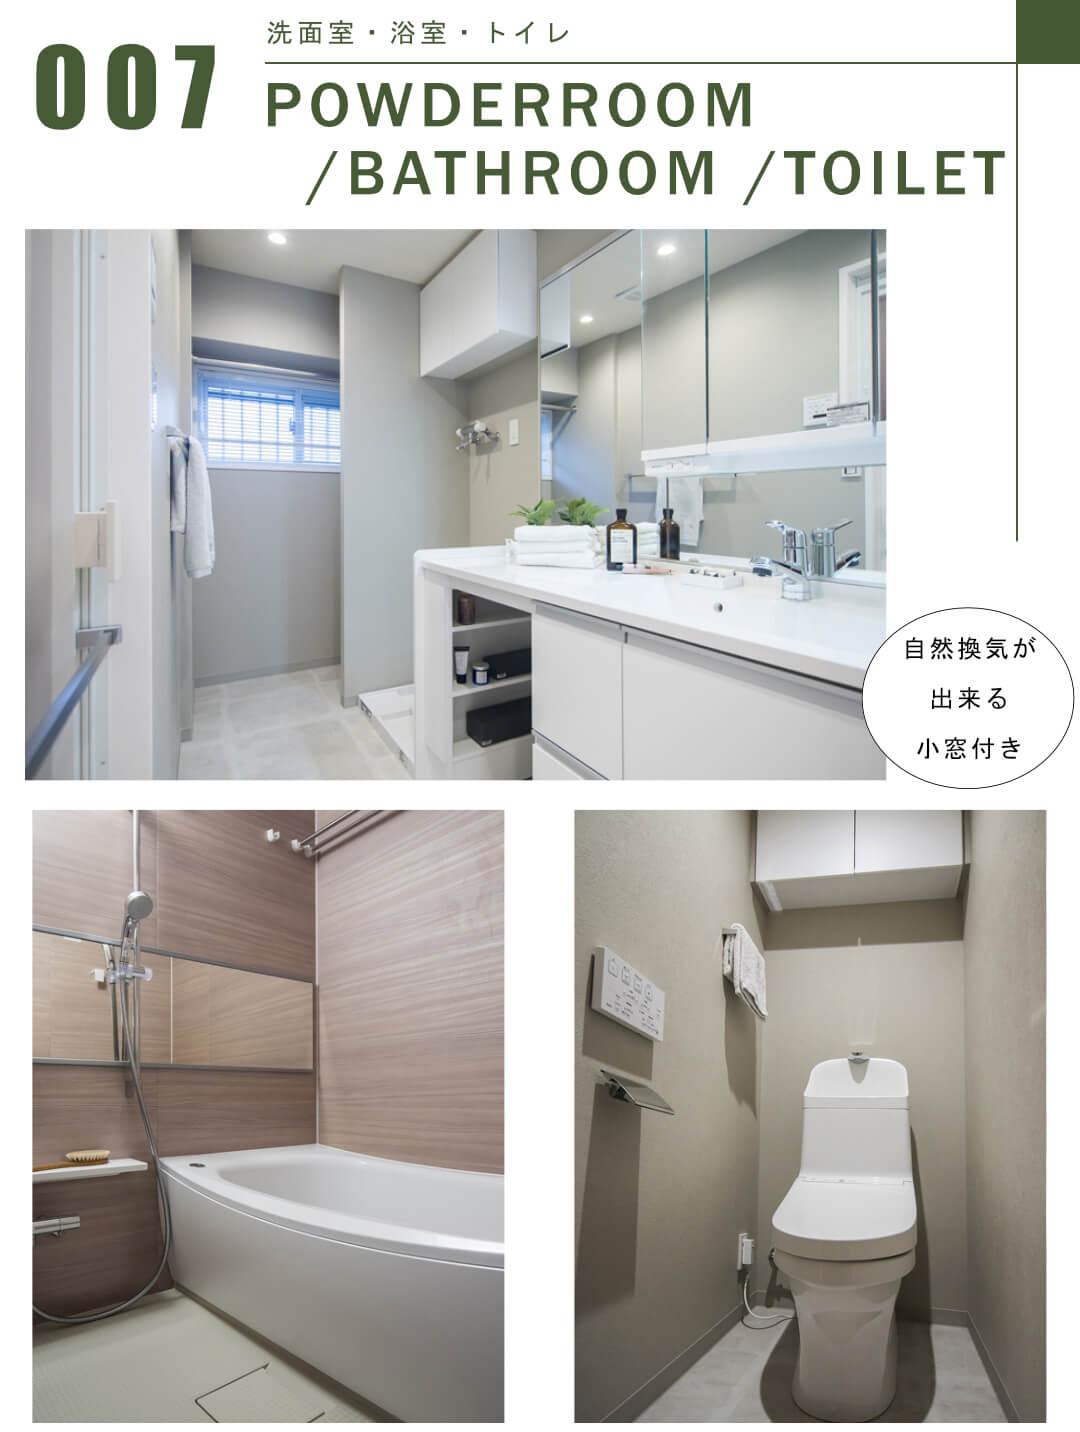 東中野フレンドマンション 403号室の洗面室・浴室・トイレ